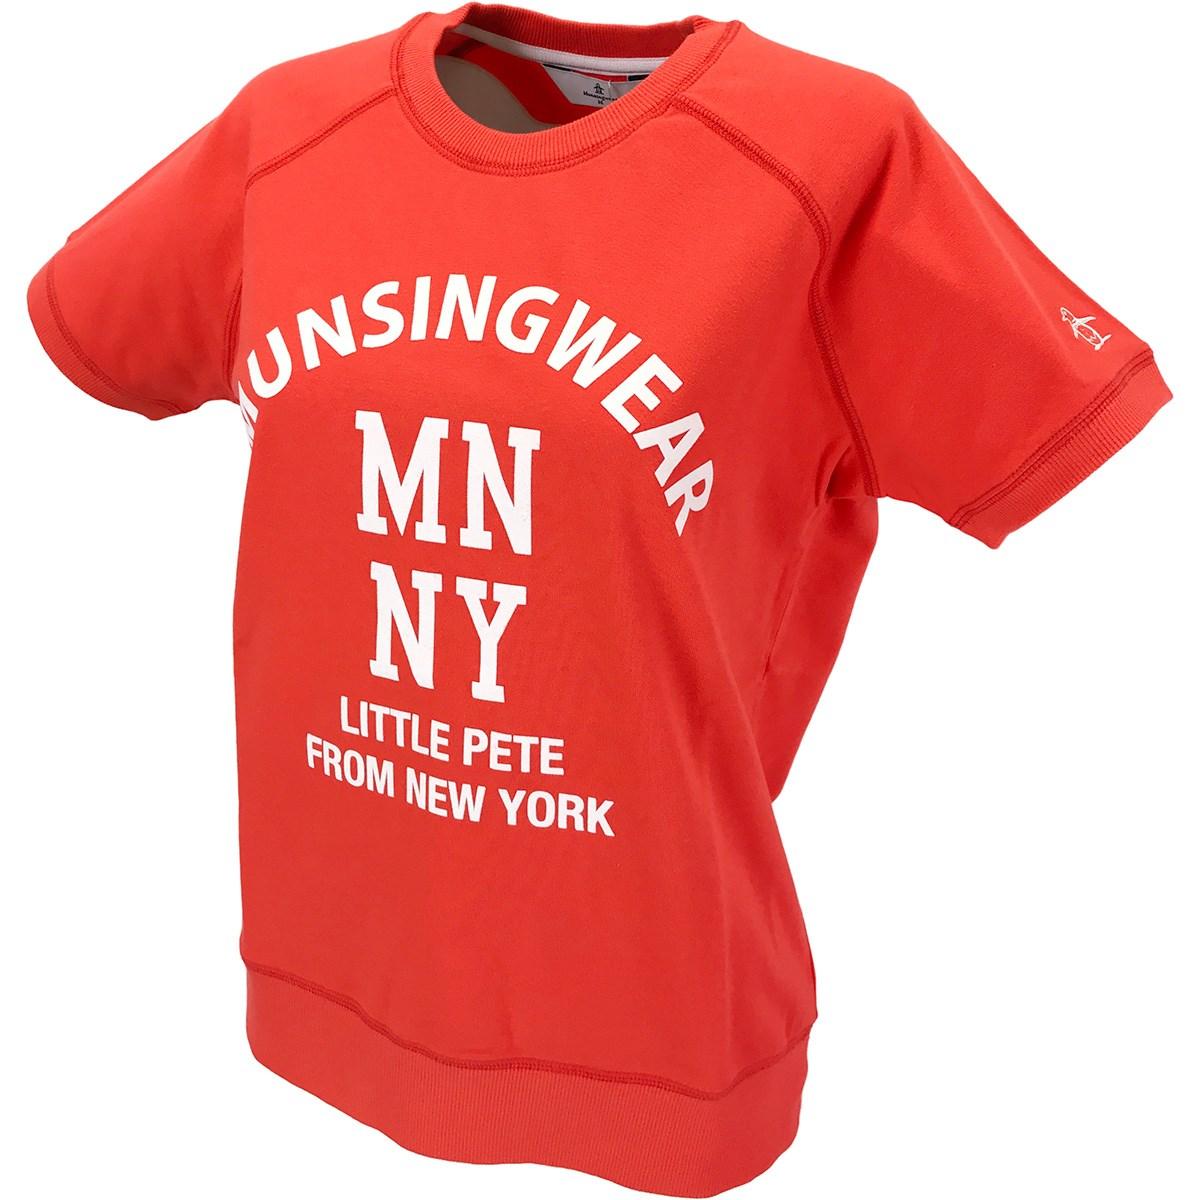 マンシングウェア Munsingwear ストレッチ カレッジロゴプリントミニ裏毛半袖シャツ M オレンジ 00 レディス